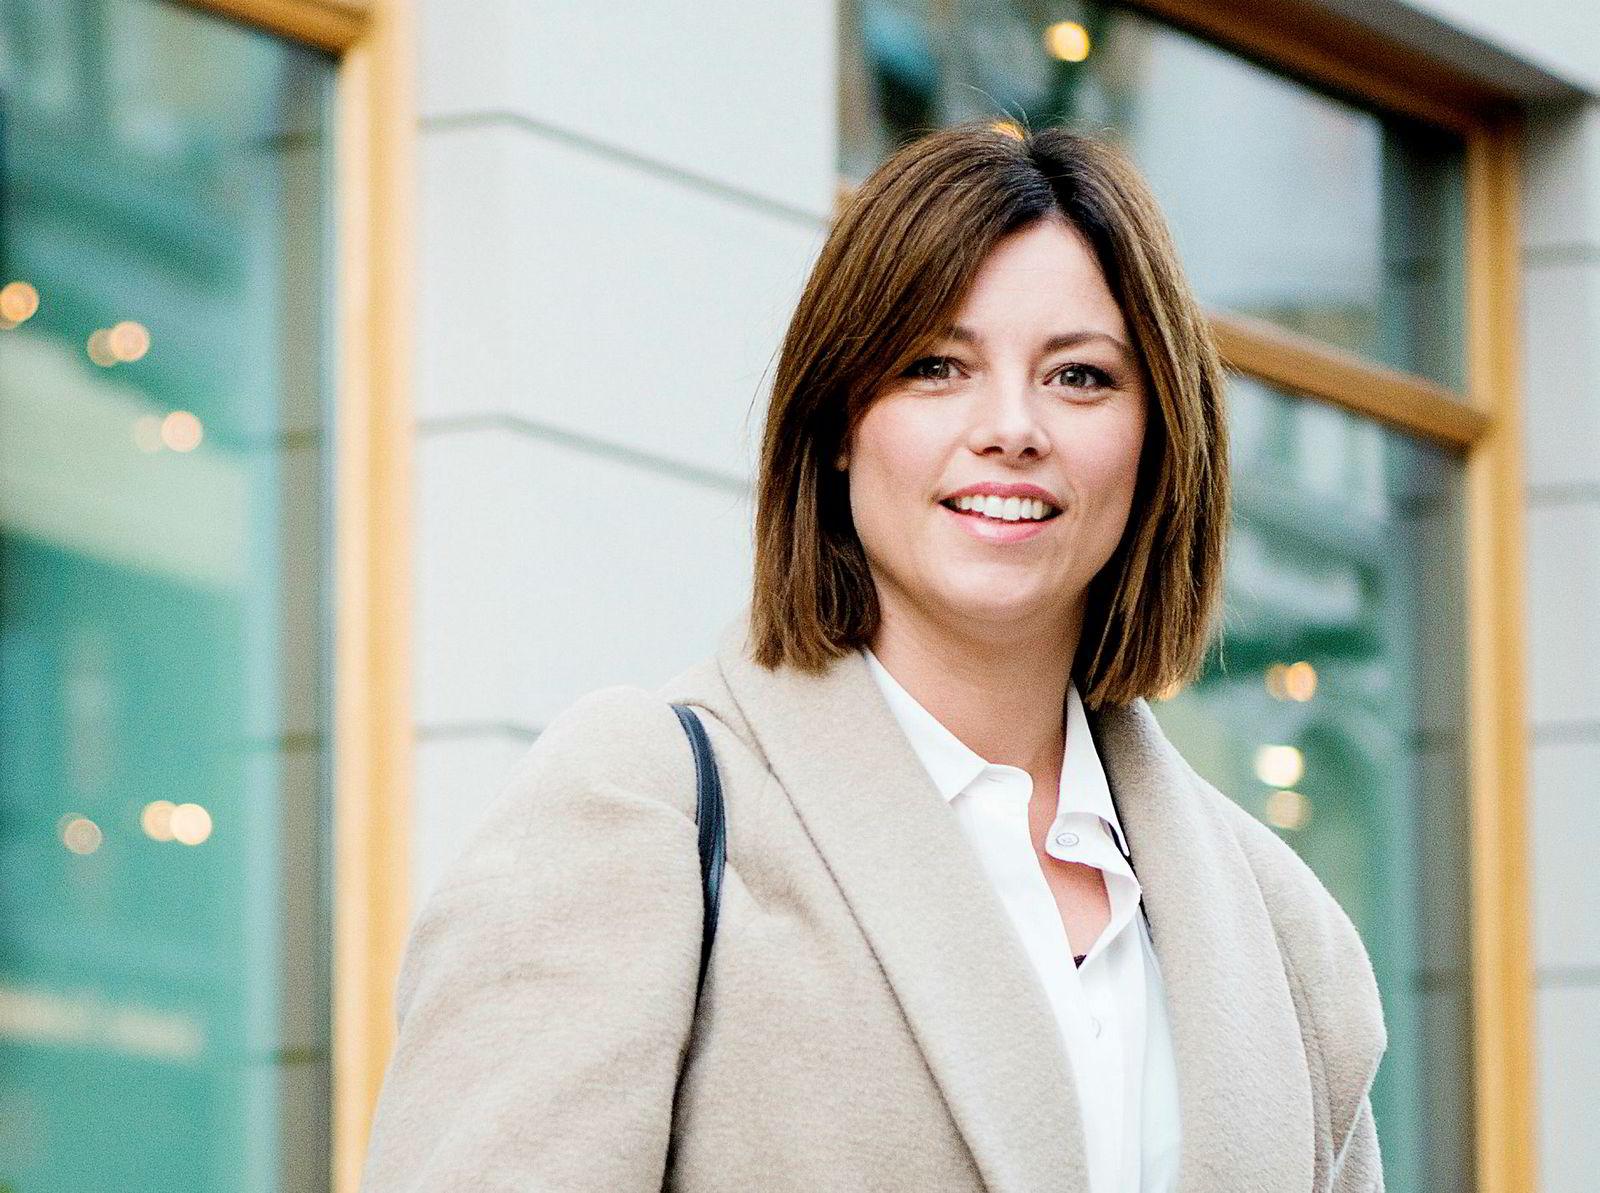 Organisasjons- og kommunikasjonsdirektør Sarah Willand i TV 2.